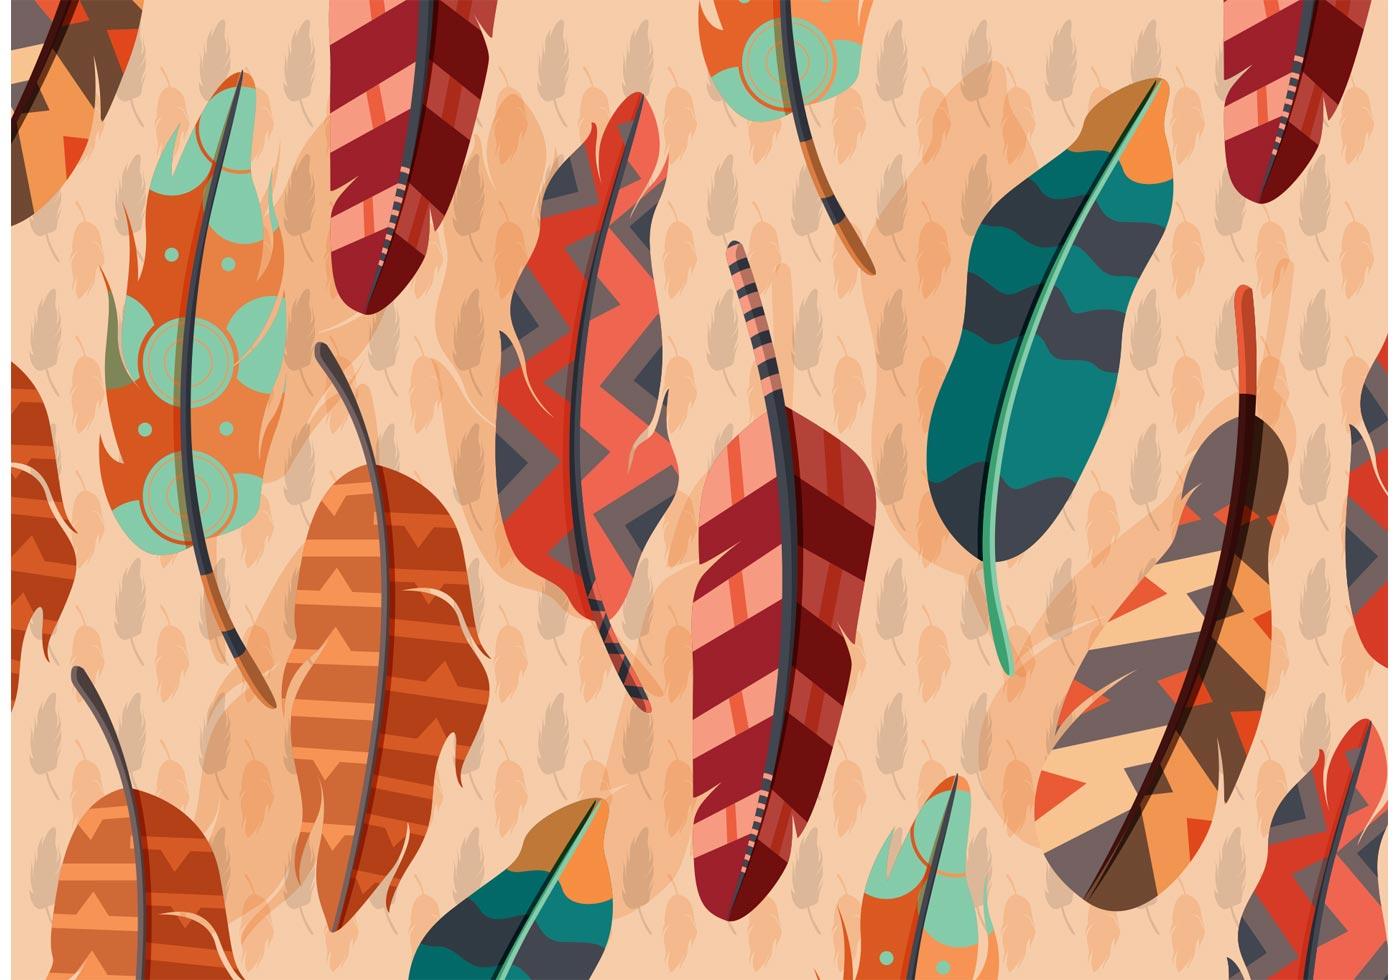 Feather Wallpaper Vector Art   243 Downloads 1400x980